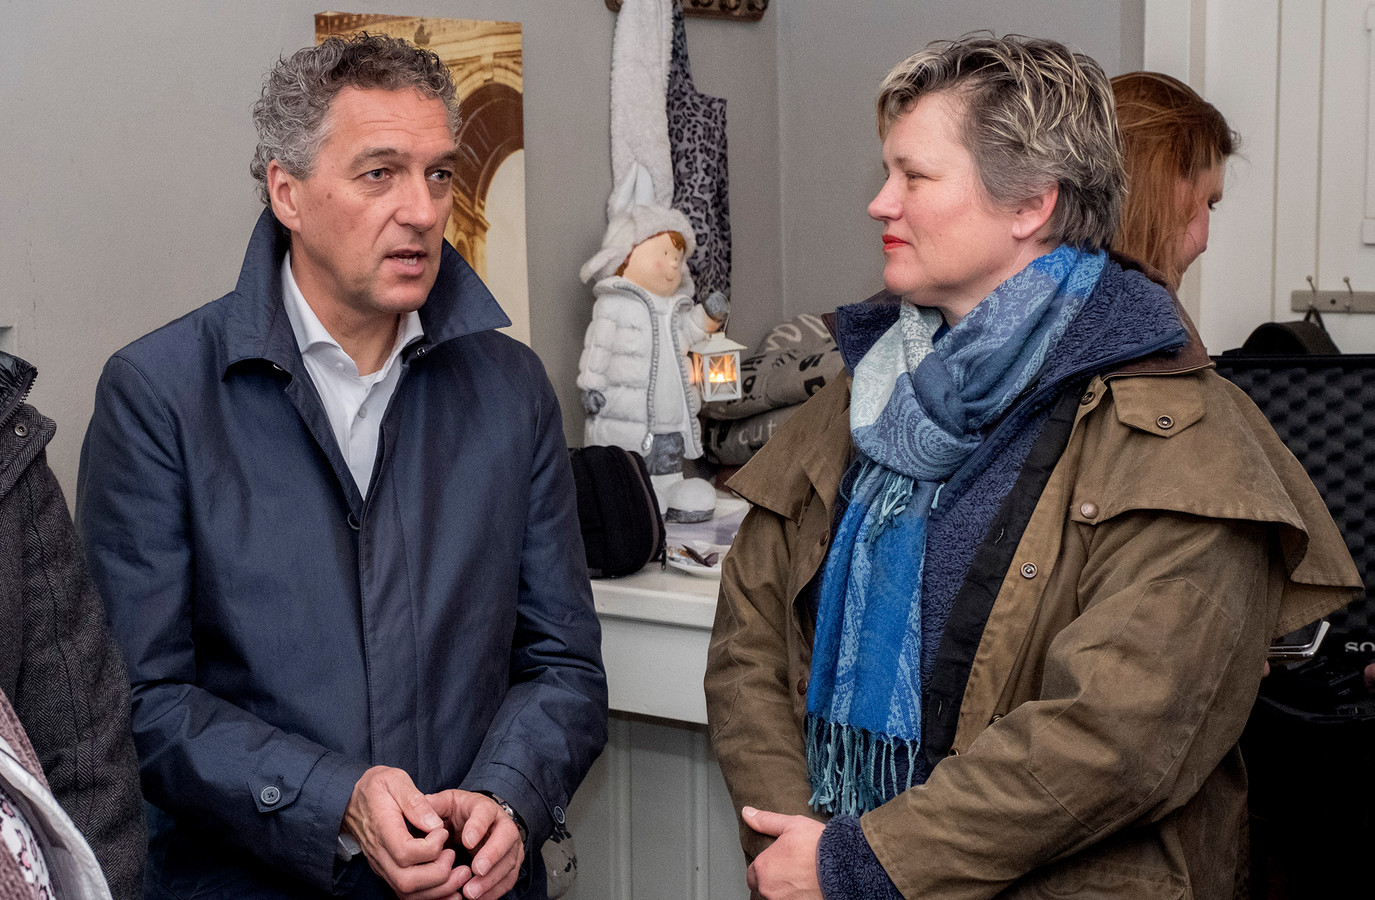 Gedeputeerde van de provincie Limburg Hans Teunissen en rechts wethouder Janine van Hulsteijn.